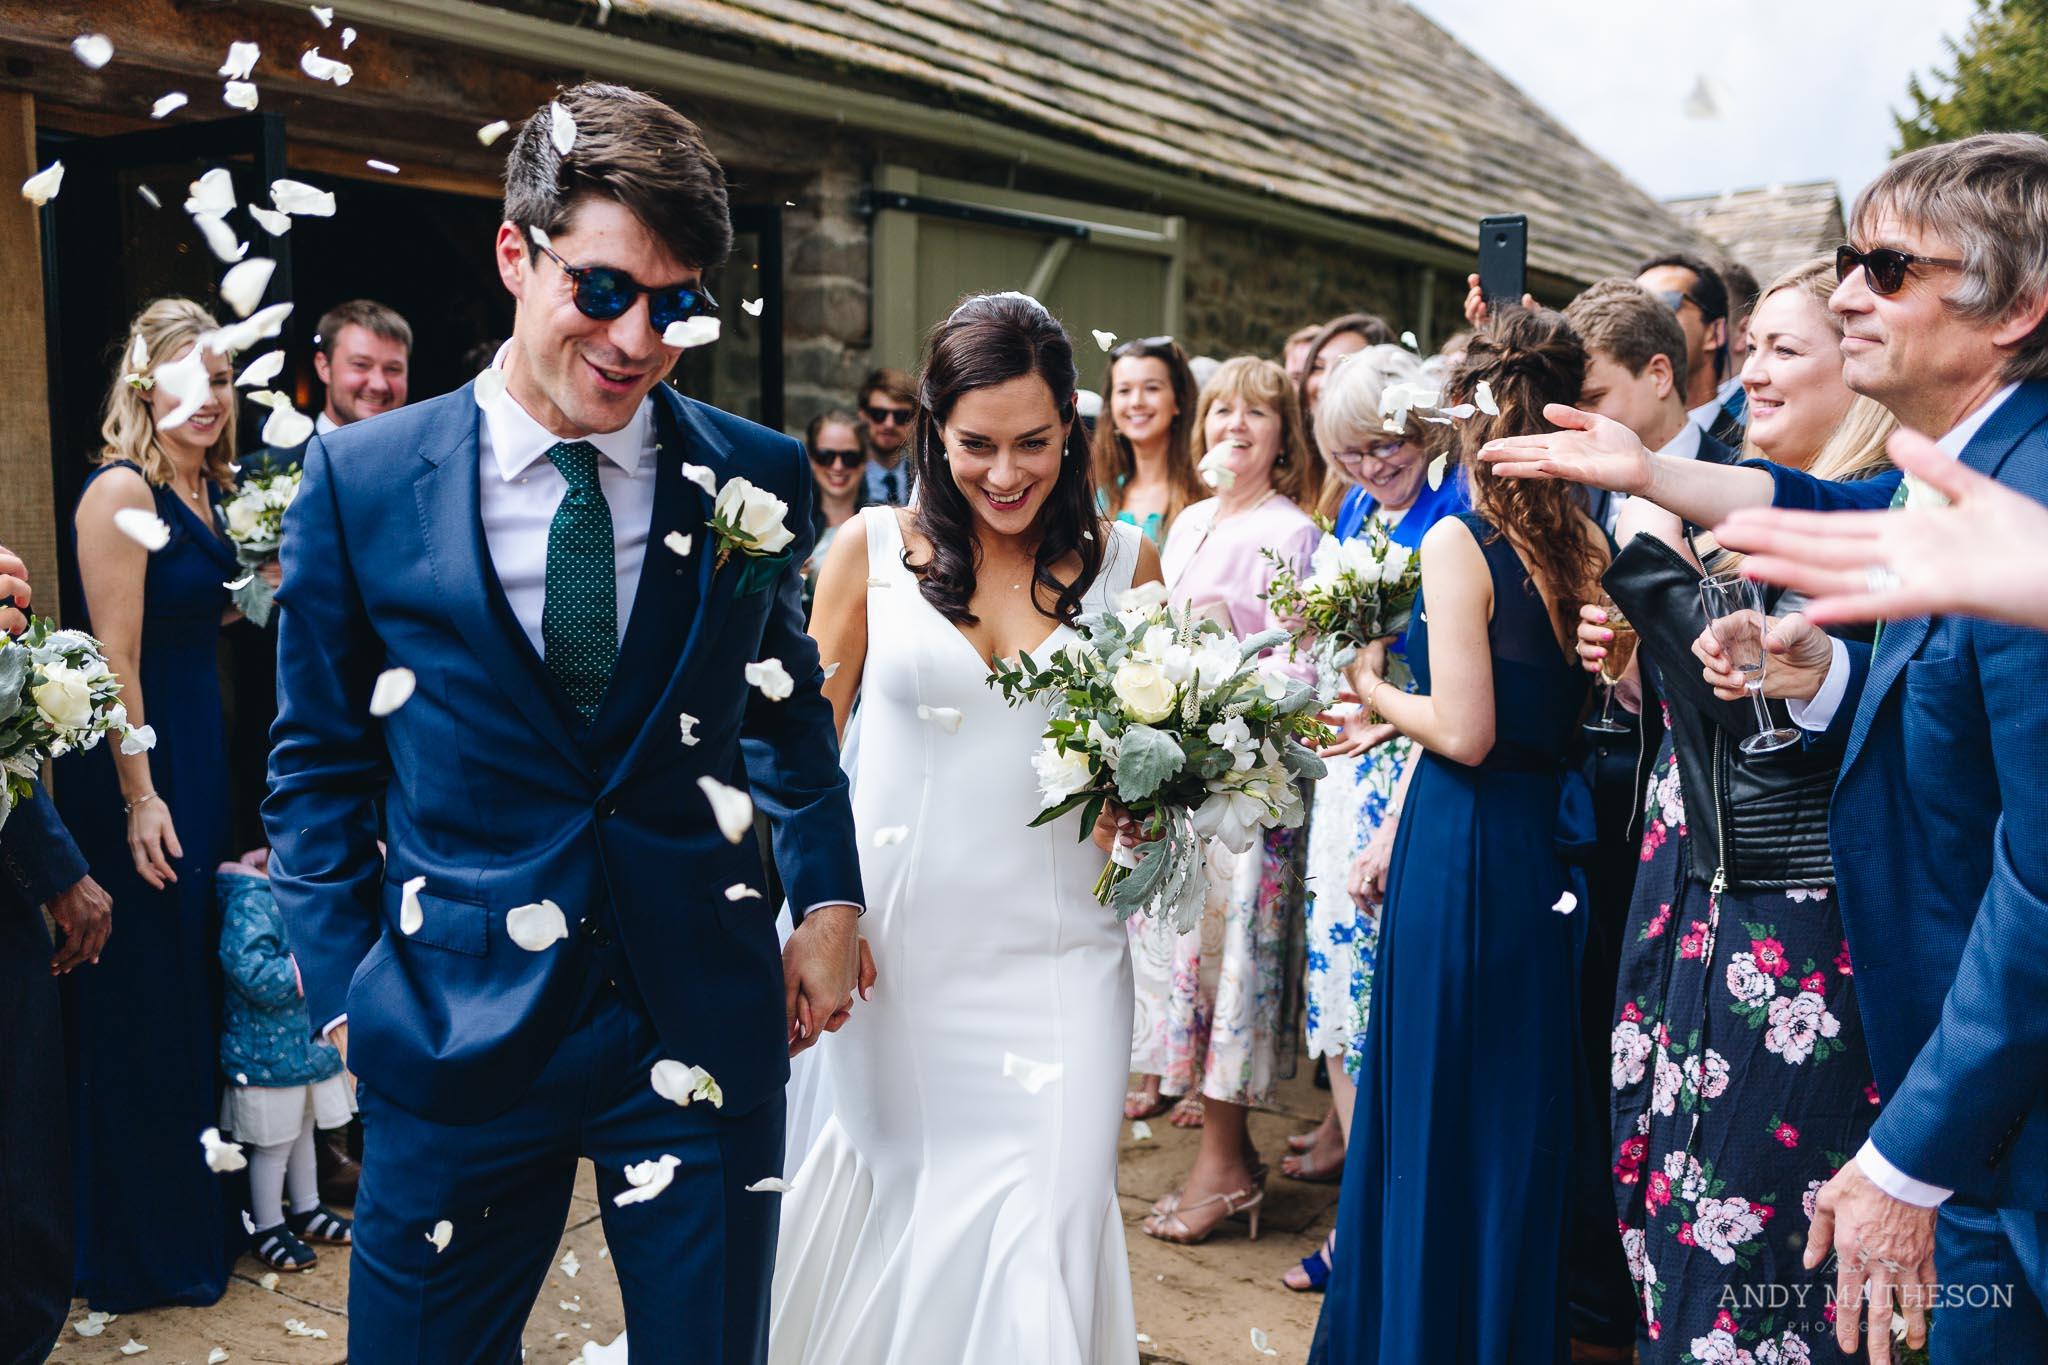 Tithe Barn Bolton Abbey Wedding Photographer_Andy Matheson_045.jpg